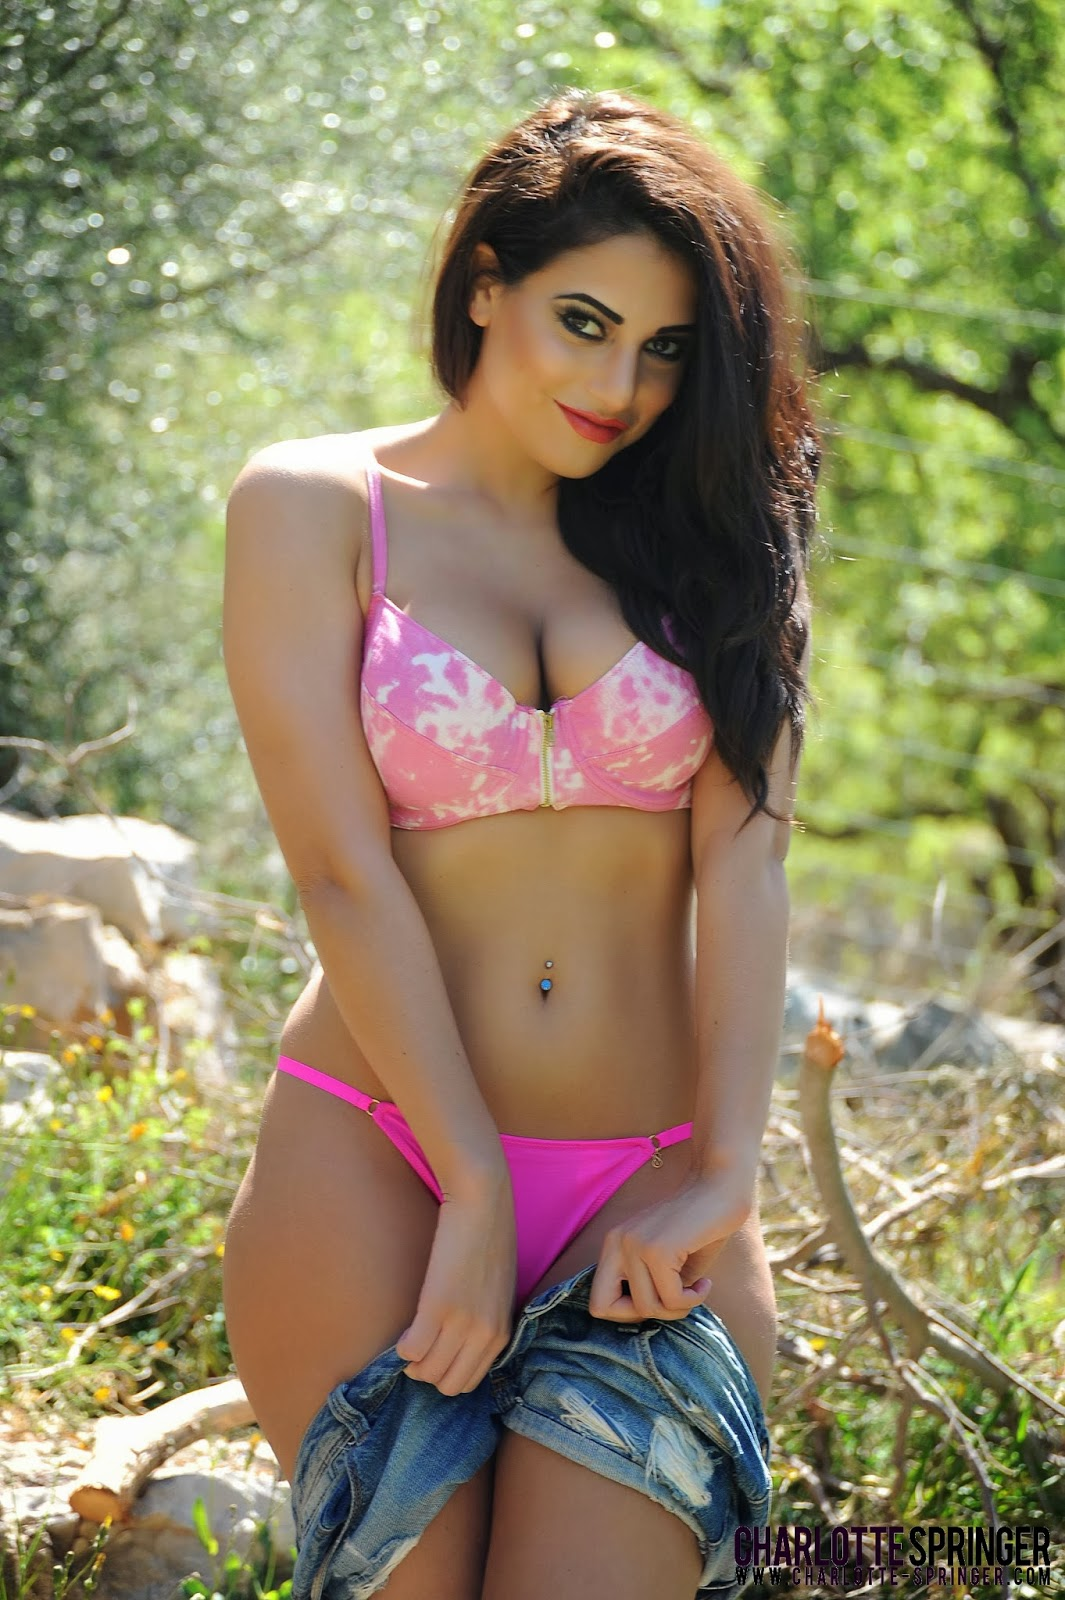 charlotte springer models -#main